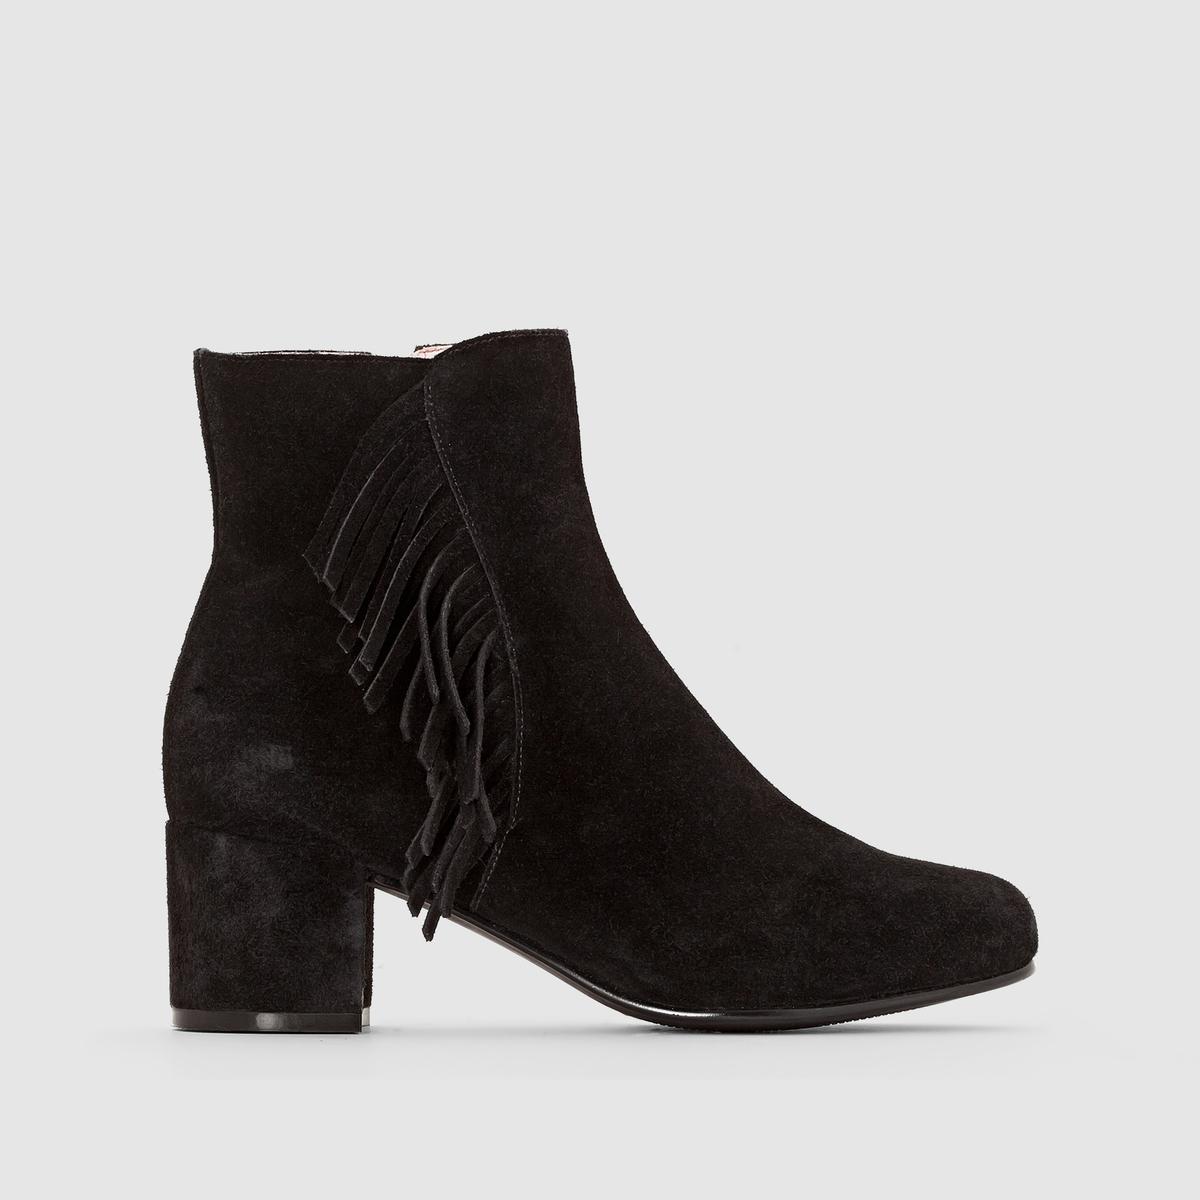 Ботинки замшевые на каблуке AbbyПодкладка   : Свиная кожа     Подошва : Синтетический материал    Высота каблука : 5.5 см   Застежка : на молнию<br><br>Цвет: черный<br>Размер: 37